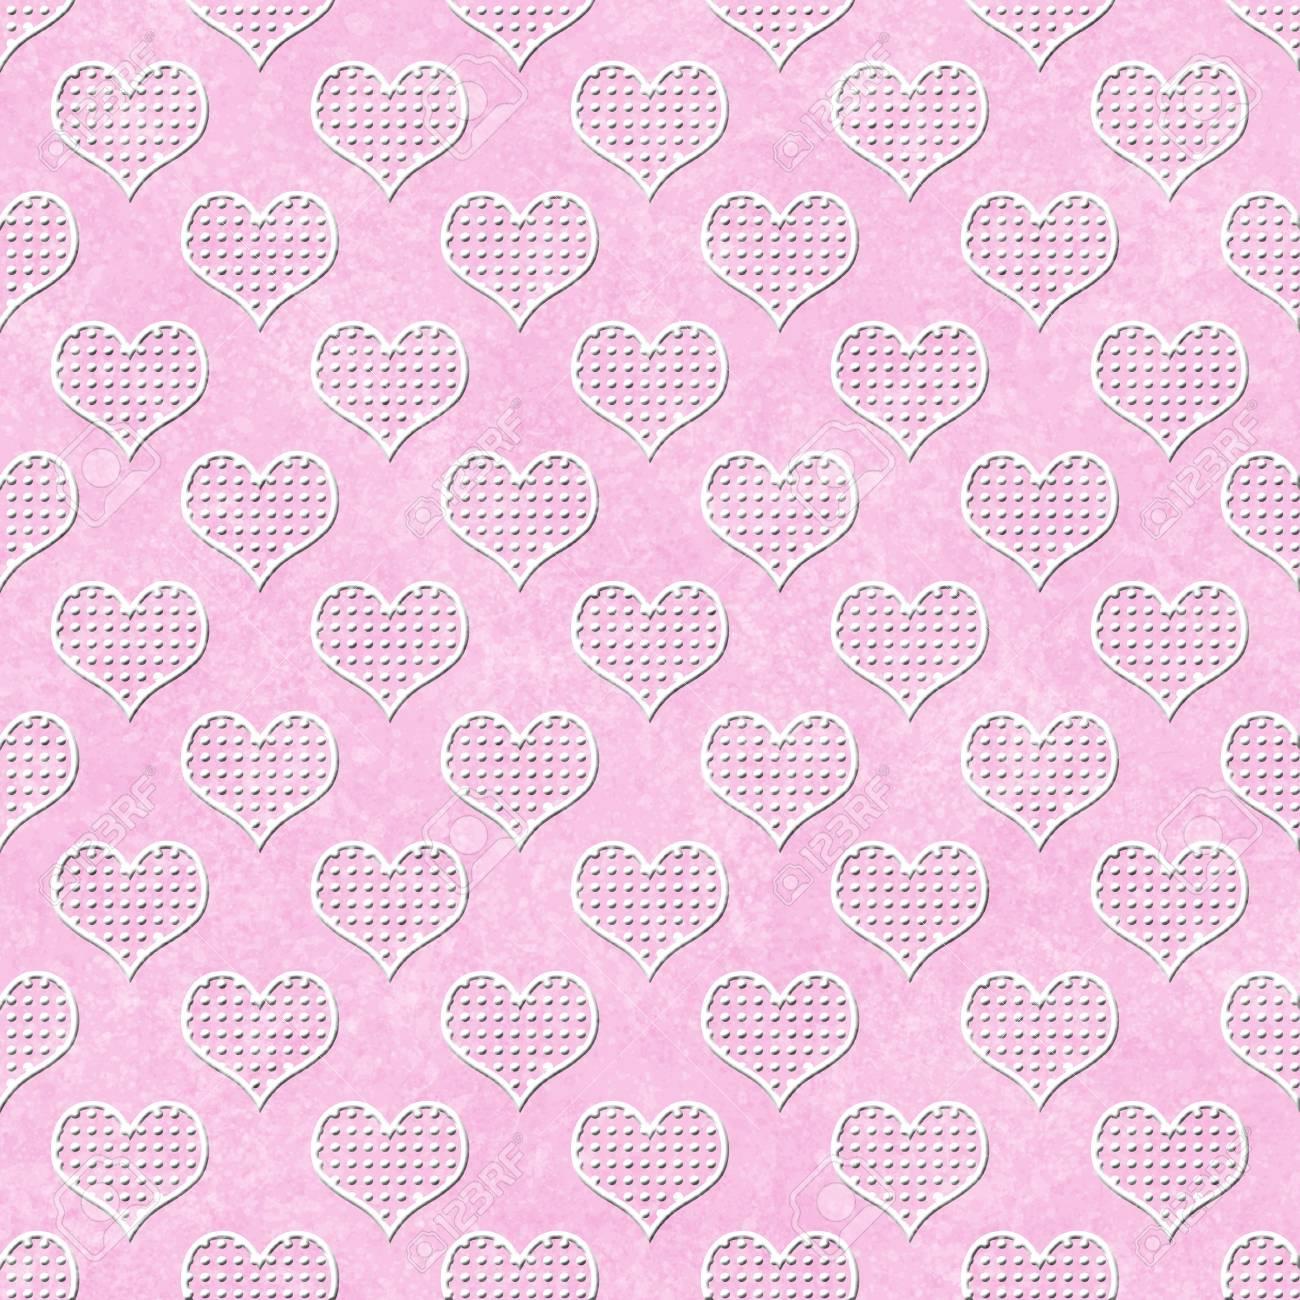 Immagini Stock Rosa E Bianco A Pois Hearts Ripetizione Del Modello